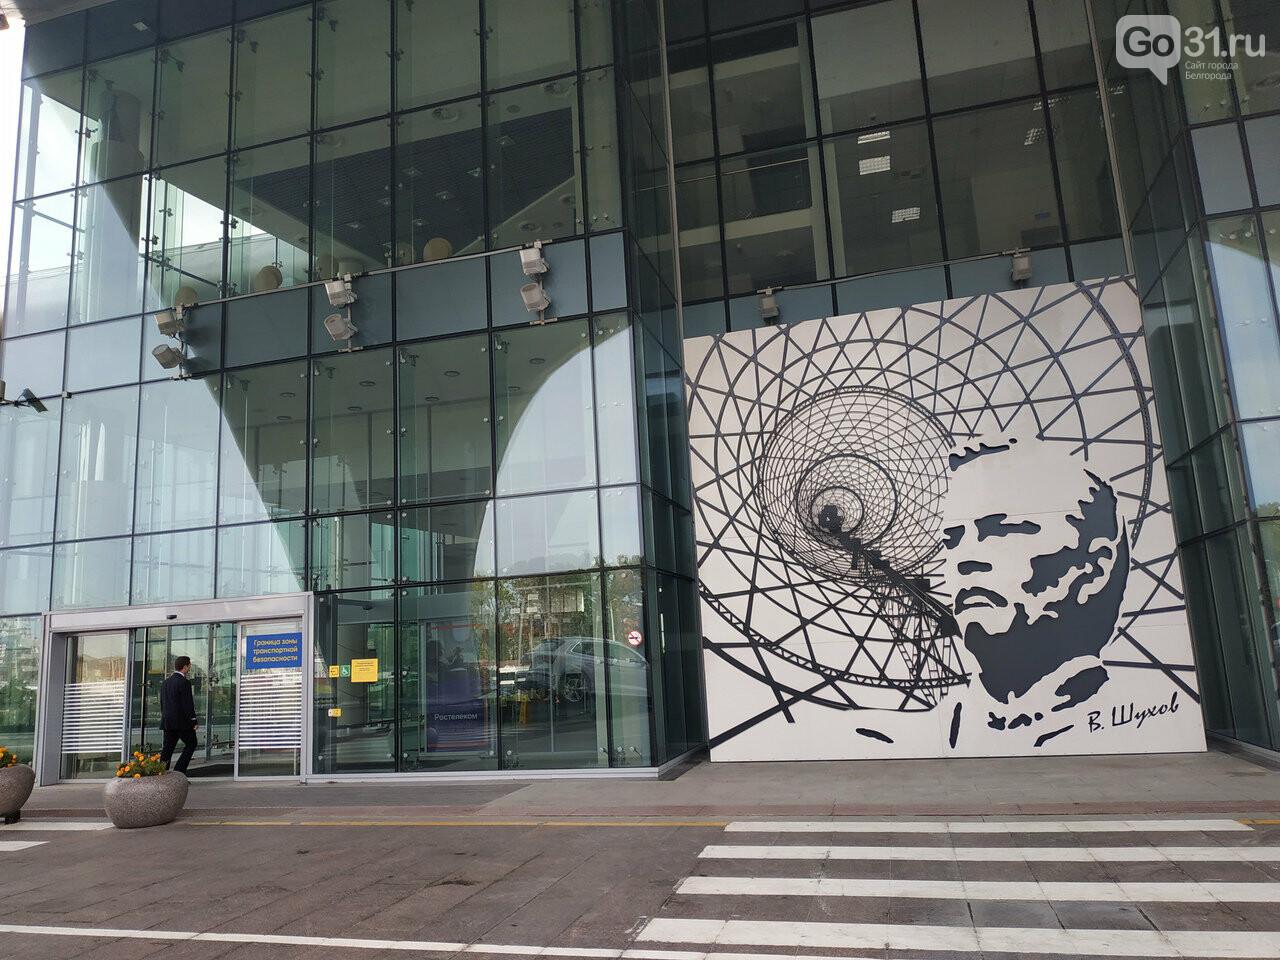 Аэропорт Белгорода украсило панно с изображением инженера Шухова, фото-1